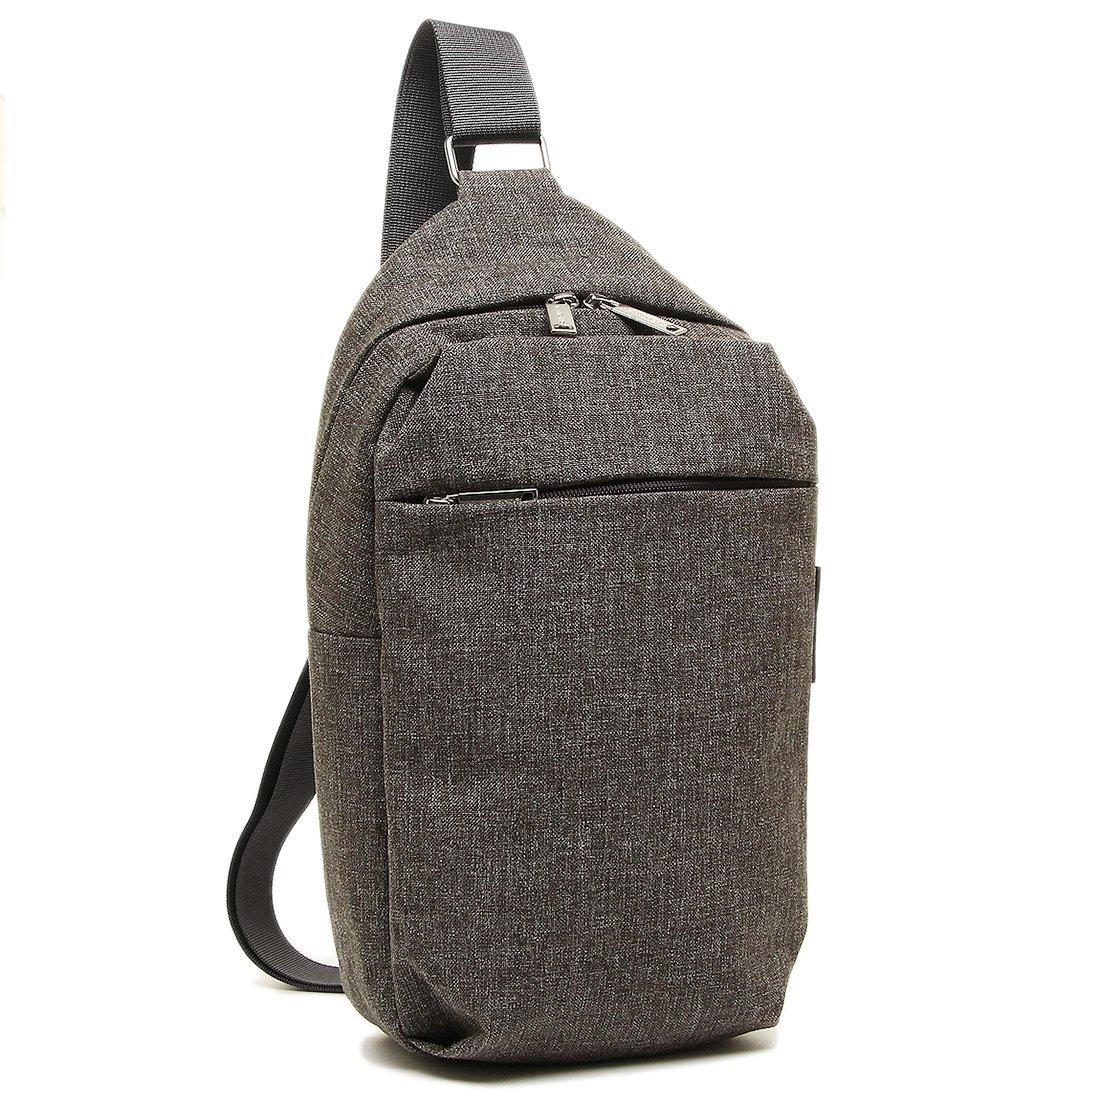 マリメッコ バッグ MARIMEKKO 045485 009 コルッテリ KORTTELI SHOULDER BAG レディース ボディバッグ MELANGE GREY 斜め掛け可 [並行輸入品] B074DQQ2K3